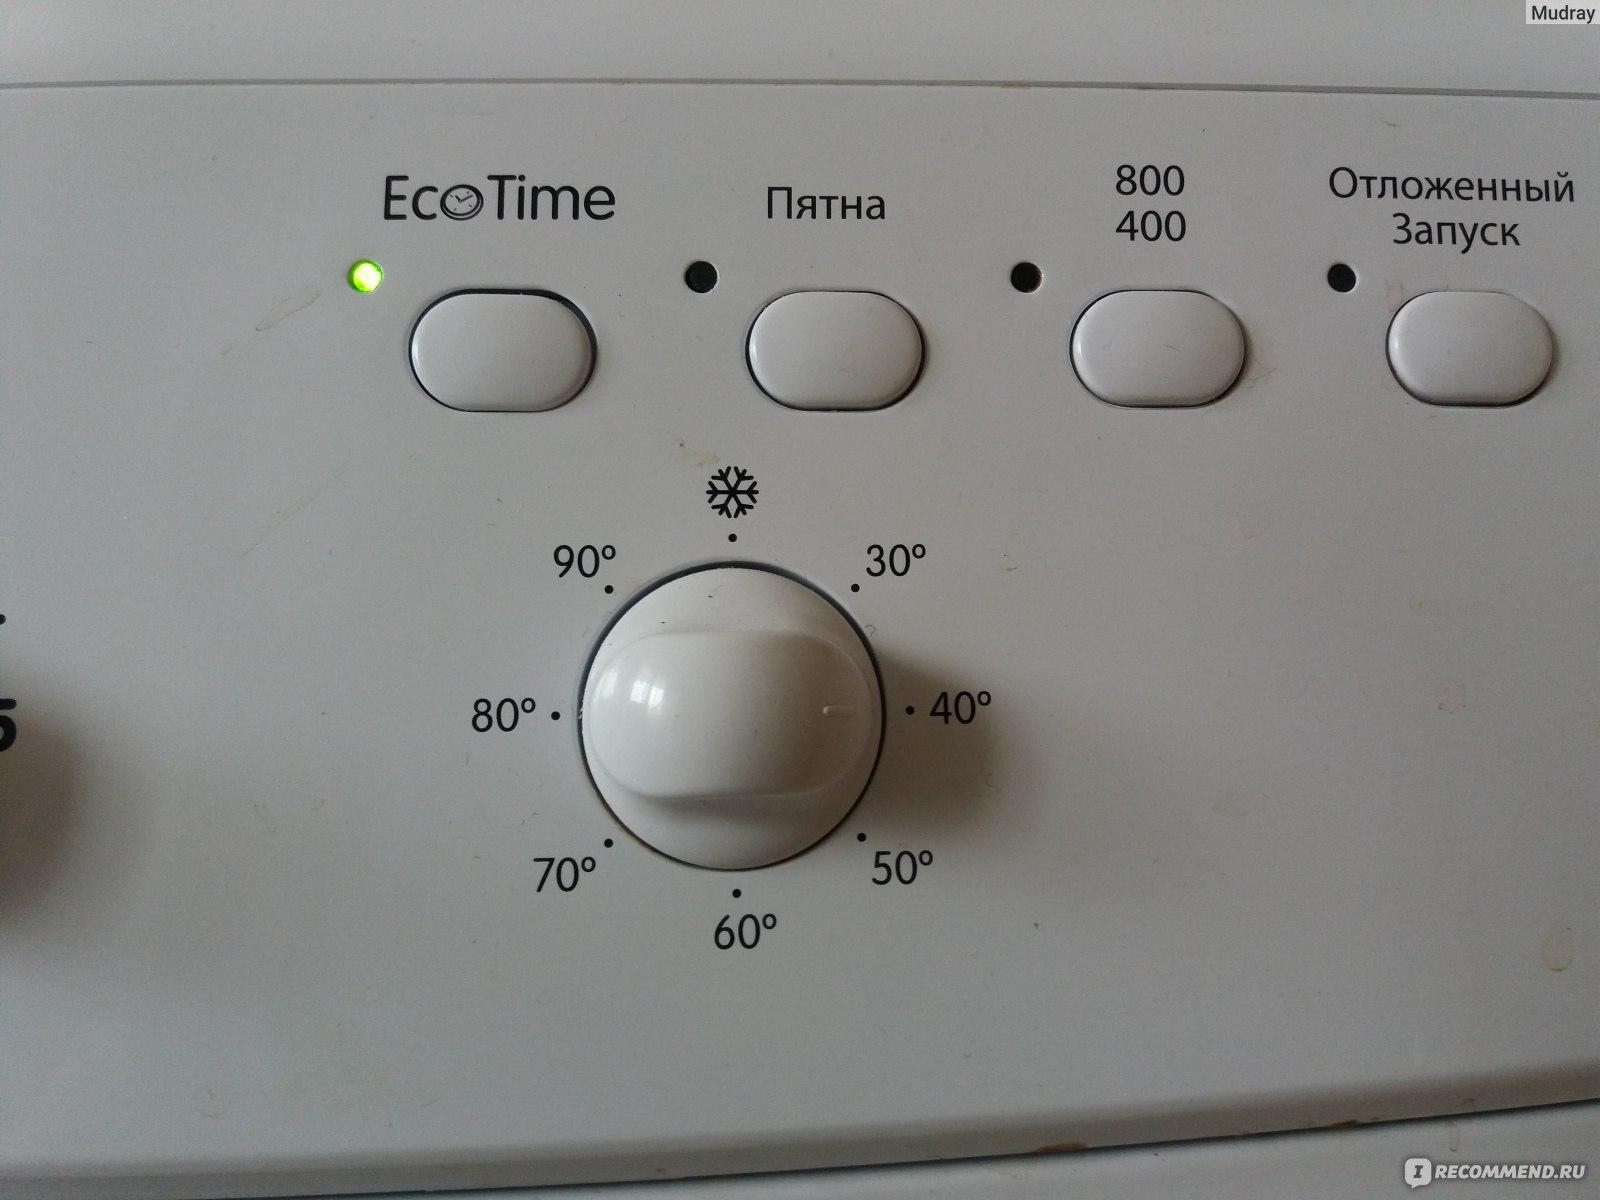 Ремонт стиральной машины Индезит своими руками: устраняем 38